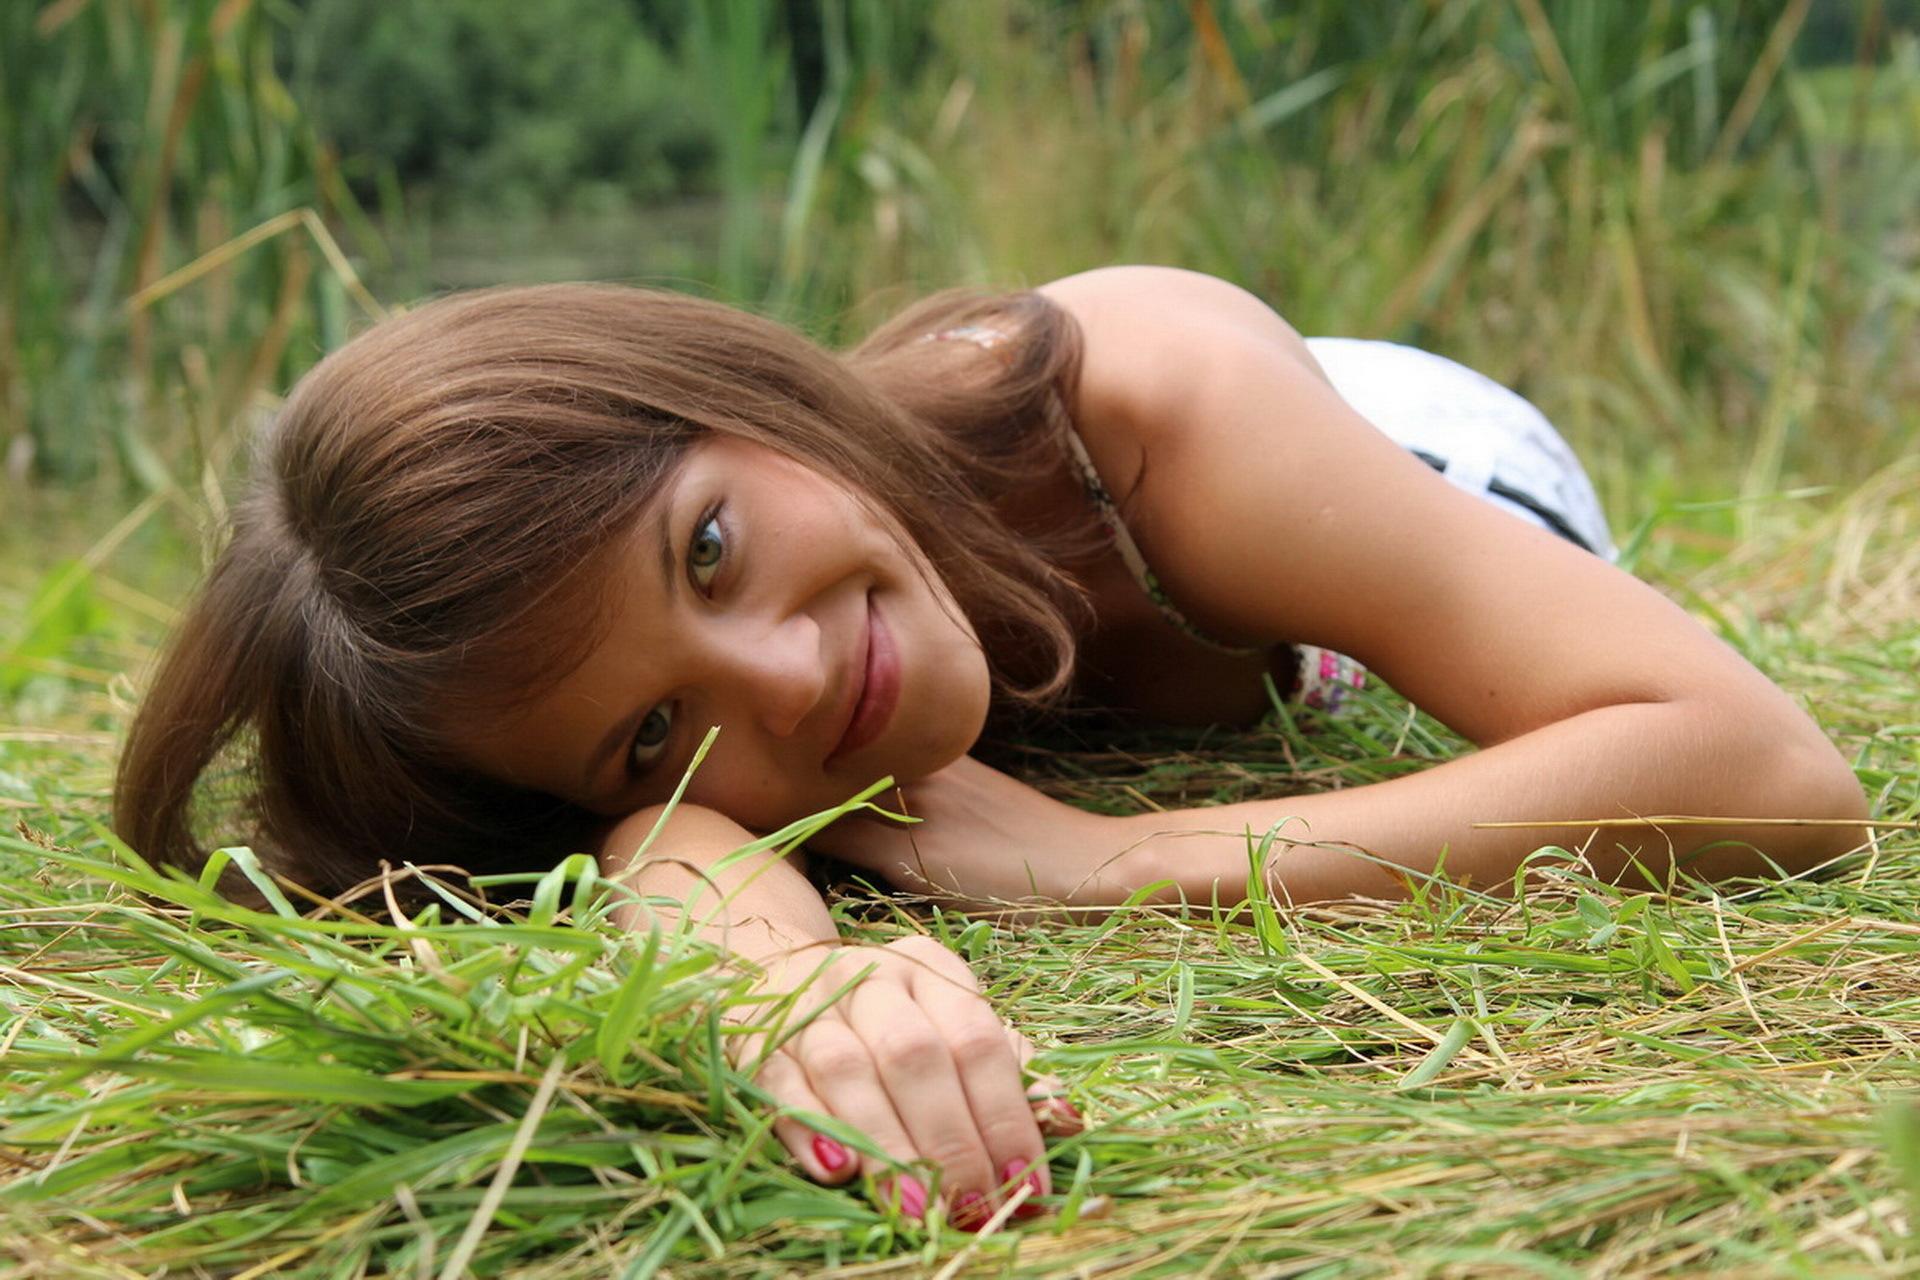 Фото Молодых Обнаженных Девочек